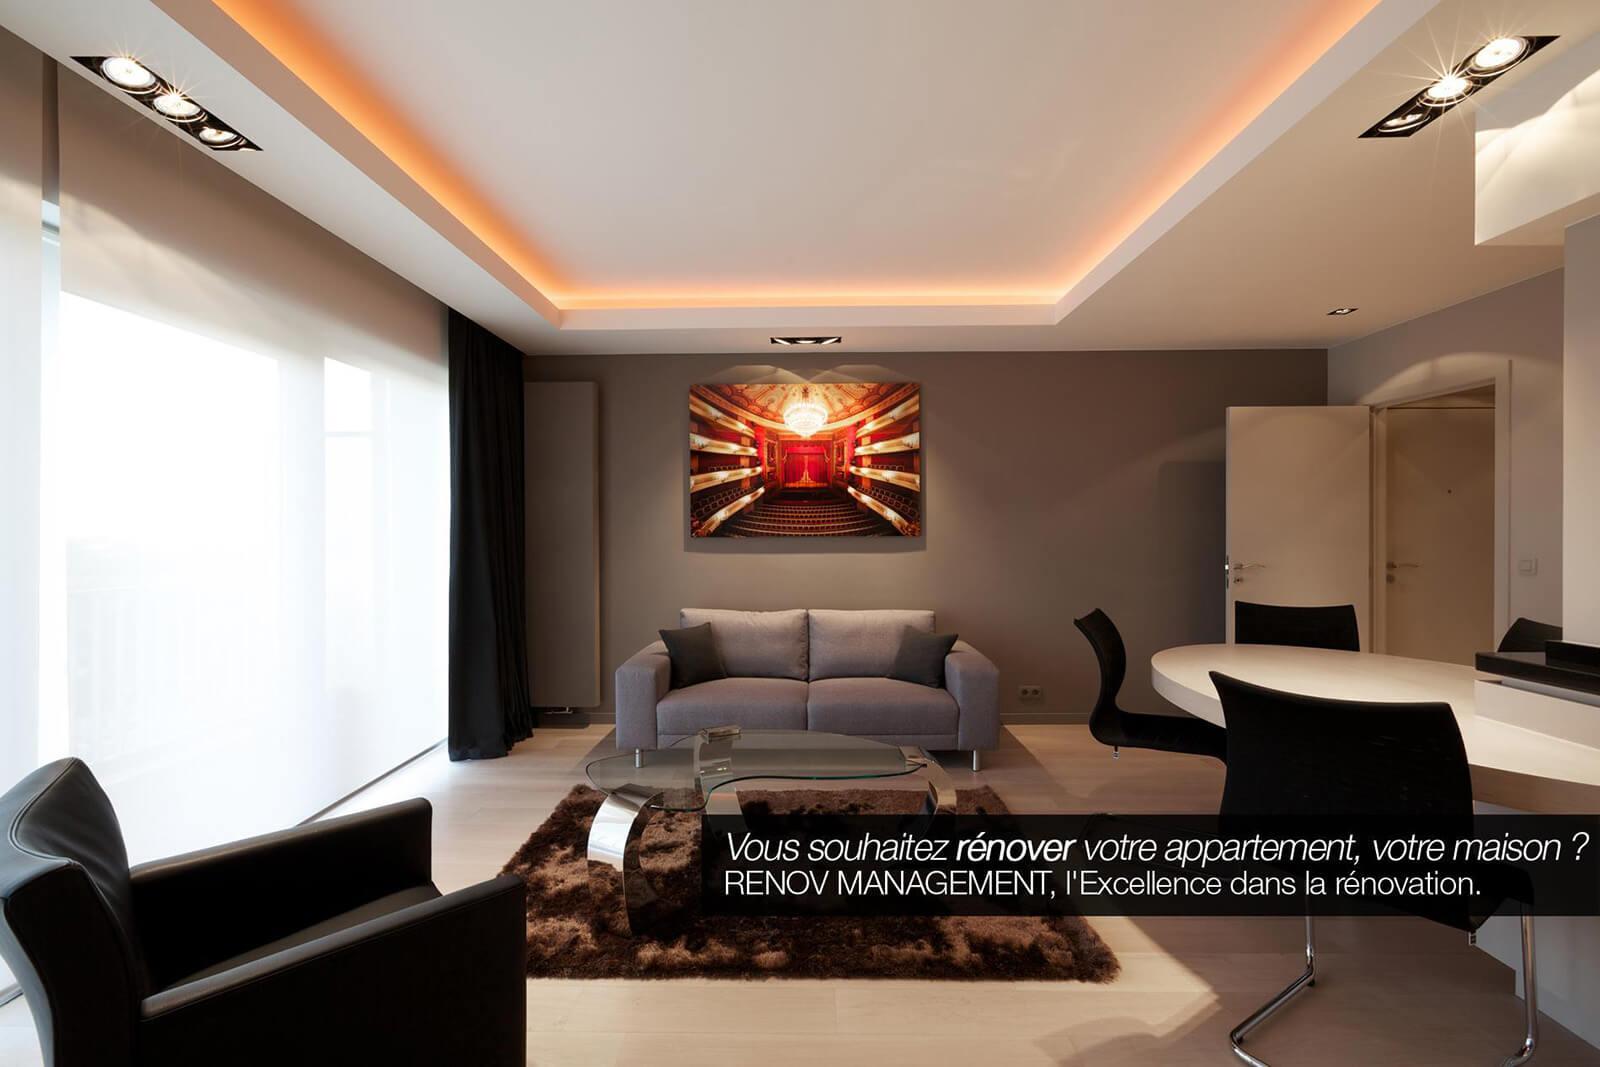 Renov management, entreprise générale de rénovation (rénovation ...